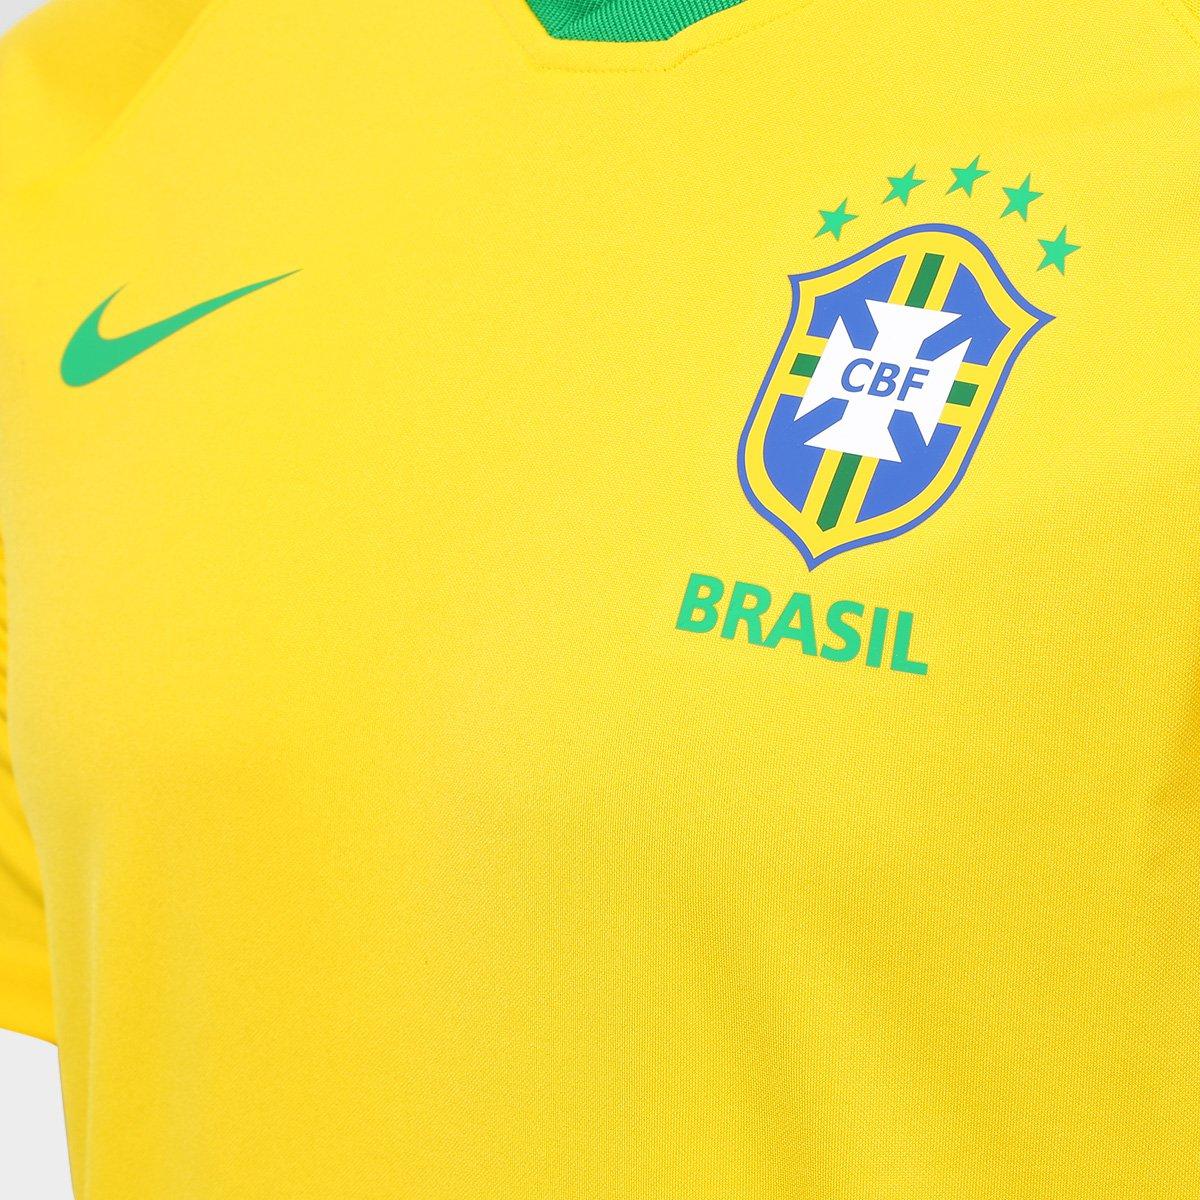 ... Camisa Seleção Brasil I 2018 s n° - Torcedor Estádio Nike Masculina ... 883ccd75e0da1